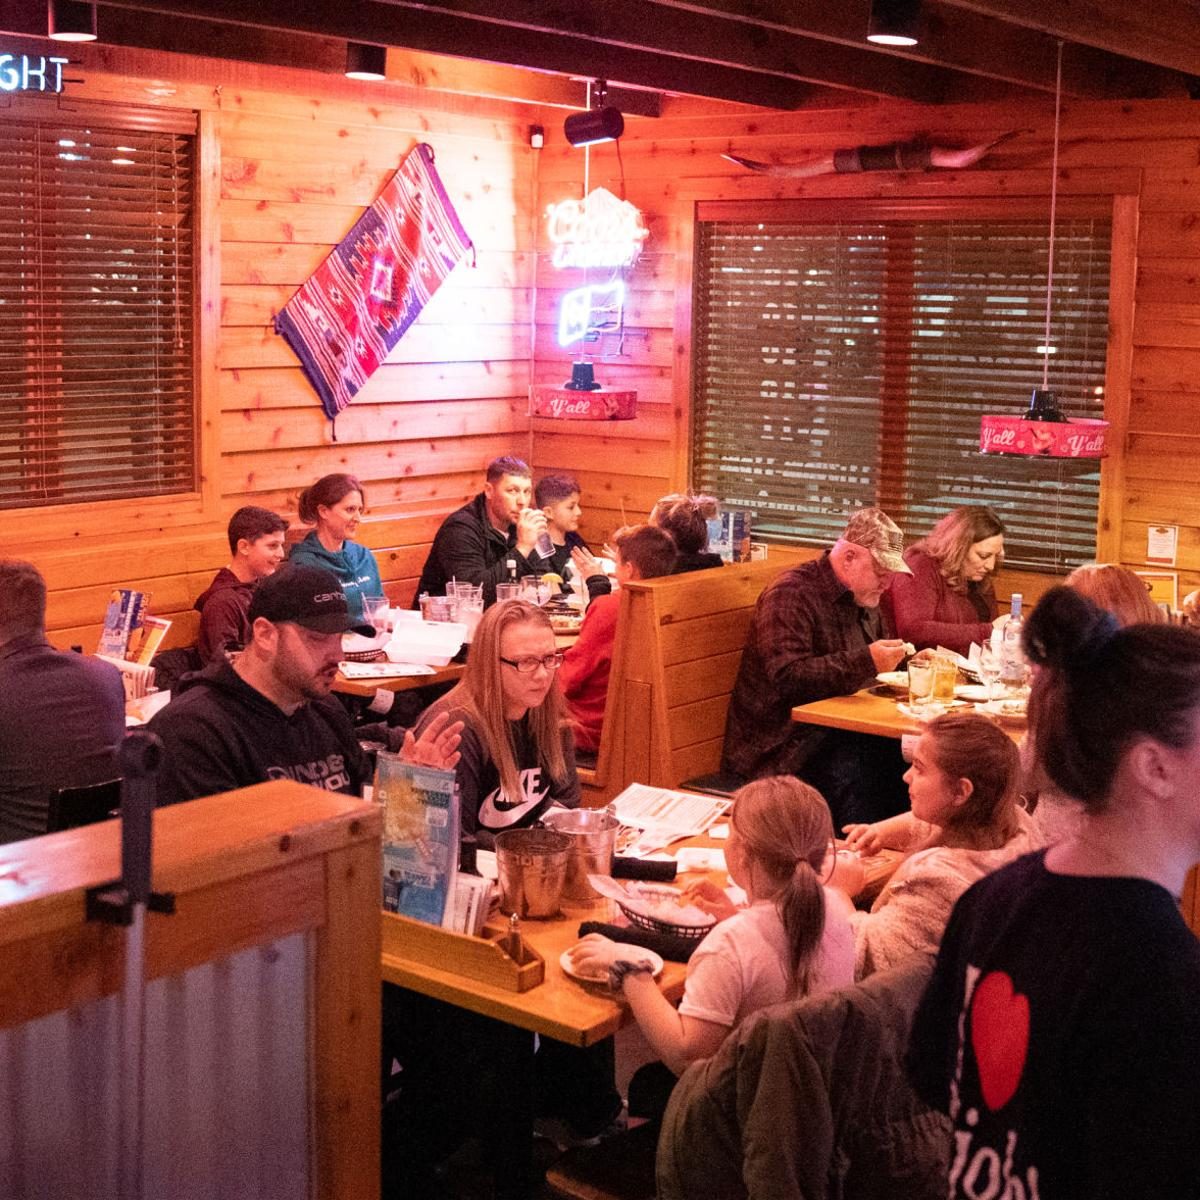 Texas Roadhouse A Cheerful Chain Experience Restaurant Reviews Ithaca Com